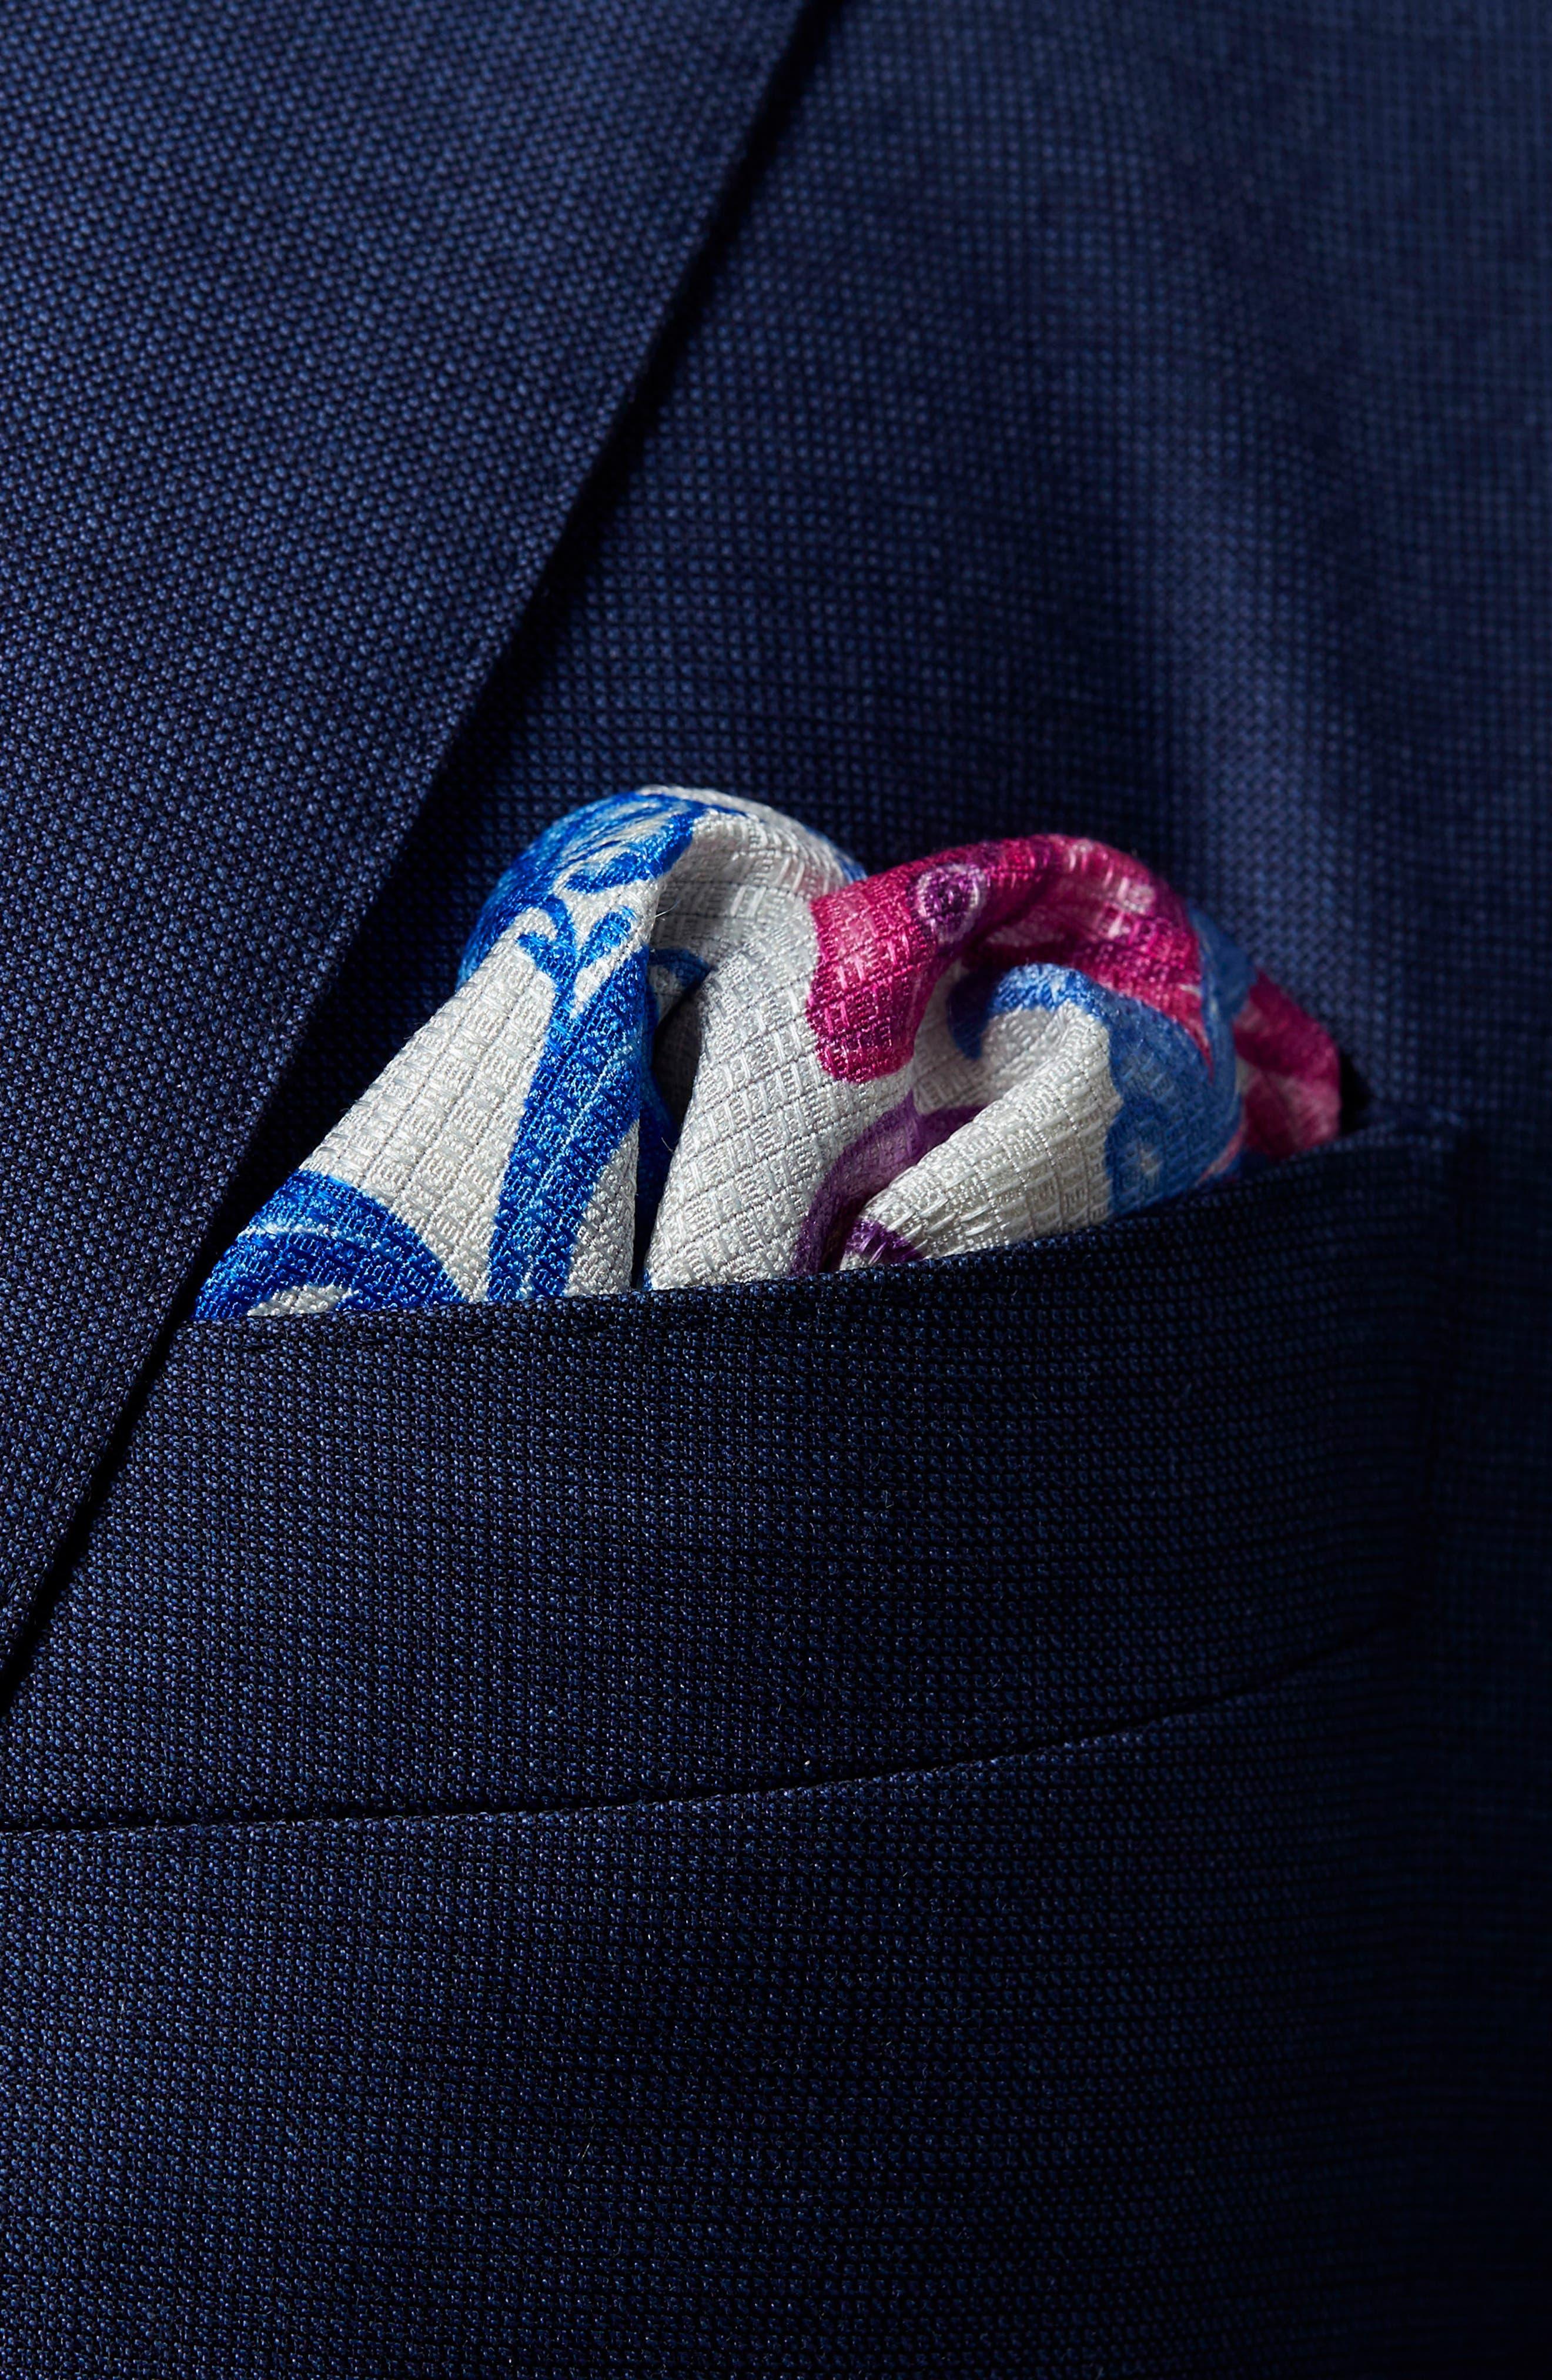 Koi Silk Pocket Square,                             Alternate thumbnail 3, color,                             PURPLE